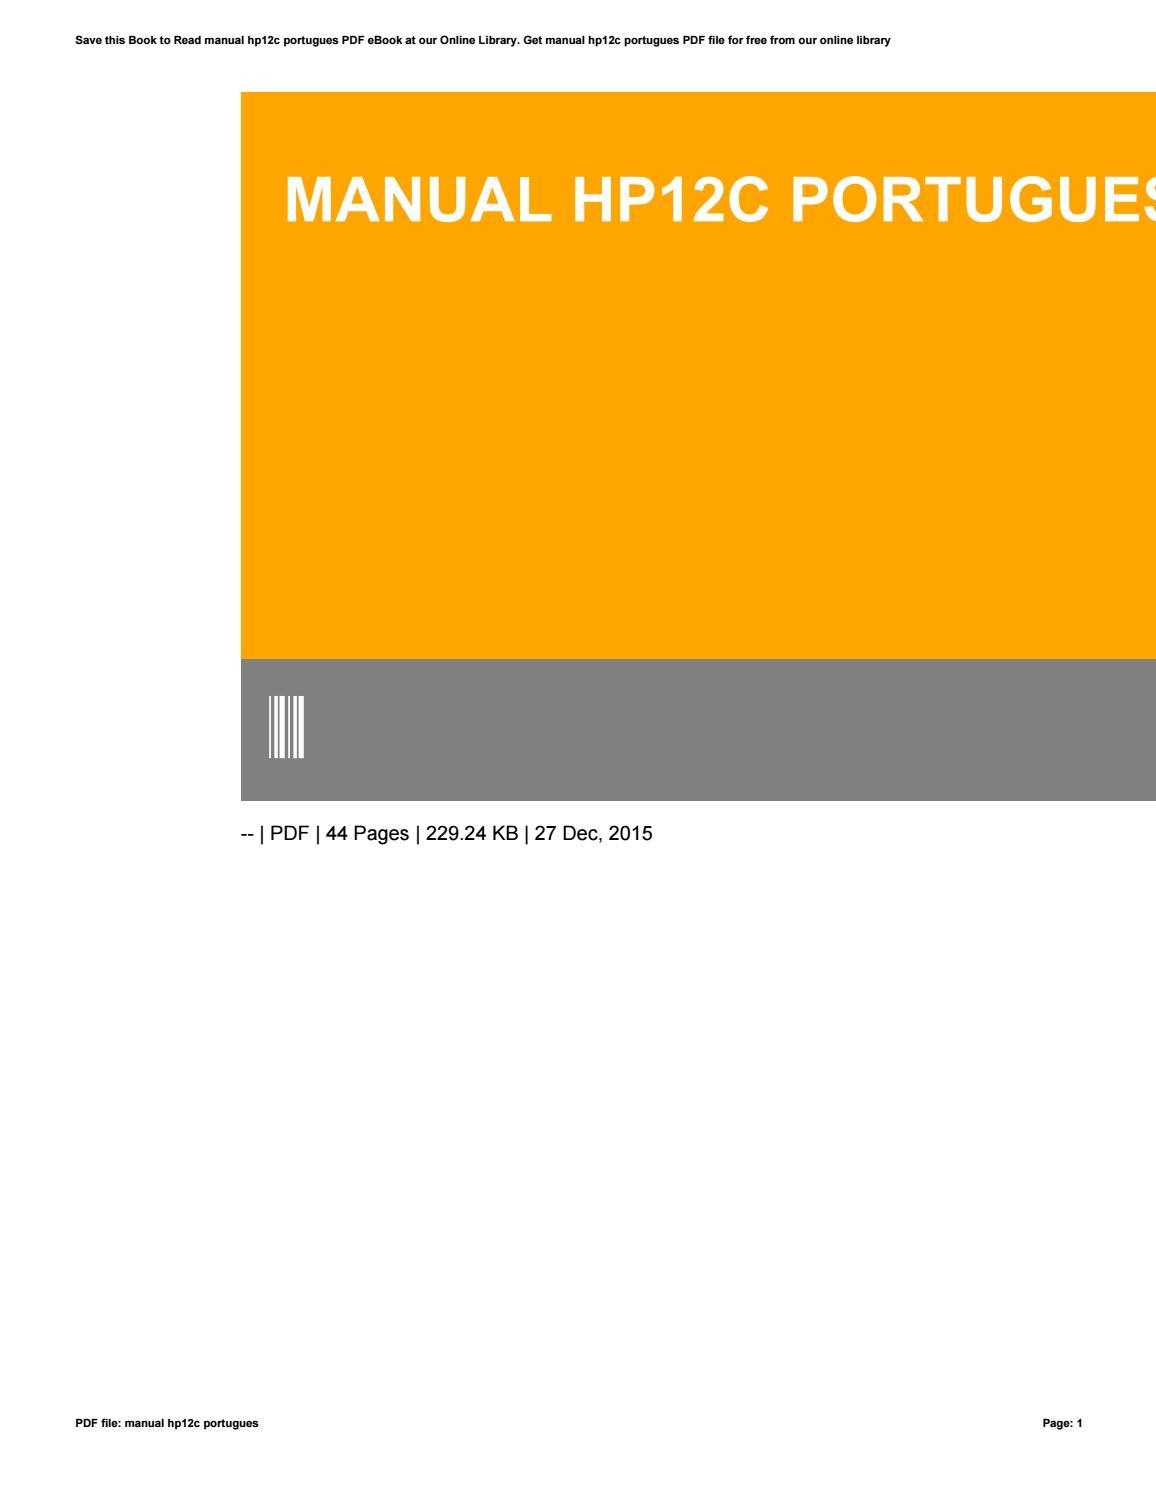 Manual hp12c portugues